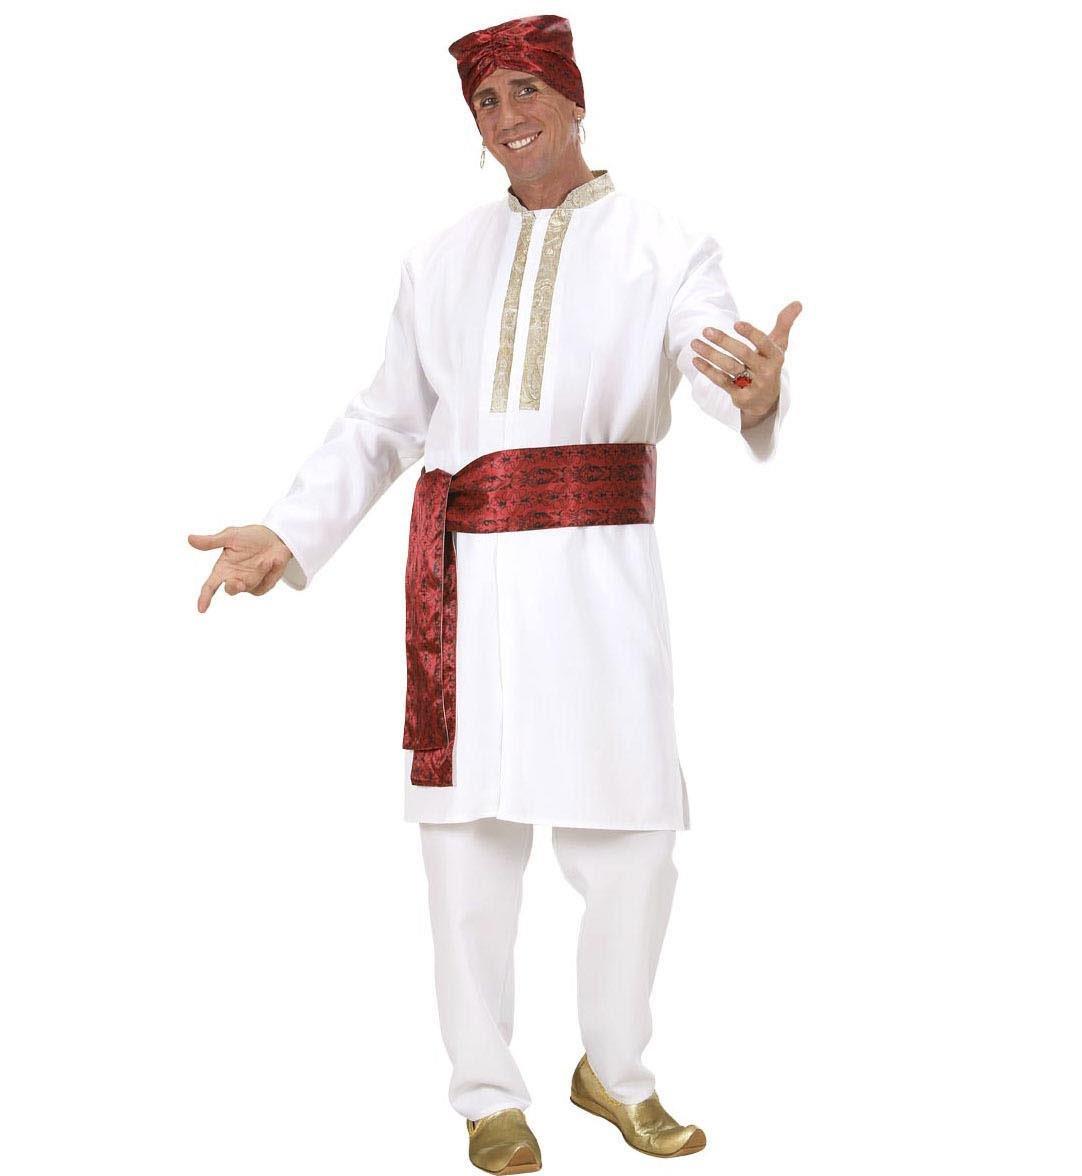 WIDMANN Aptafêtes – Kostüm Bollywood-Tänzer B0057ZPUSA Kostüme für Erwachsene Zu einem niedrigeren Preis | Elegante und robuste Verpackung